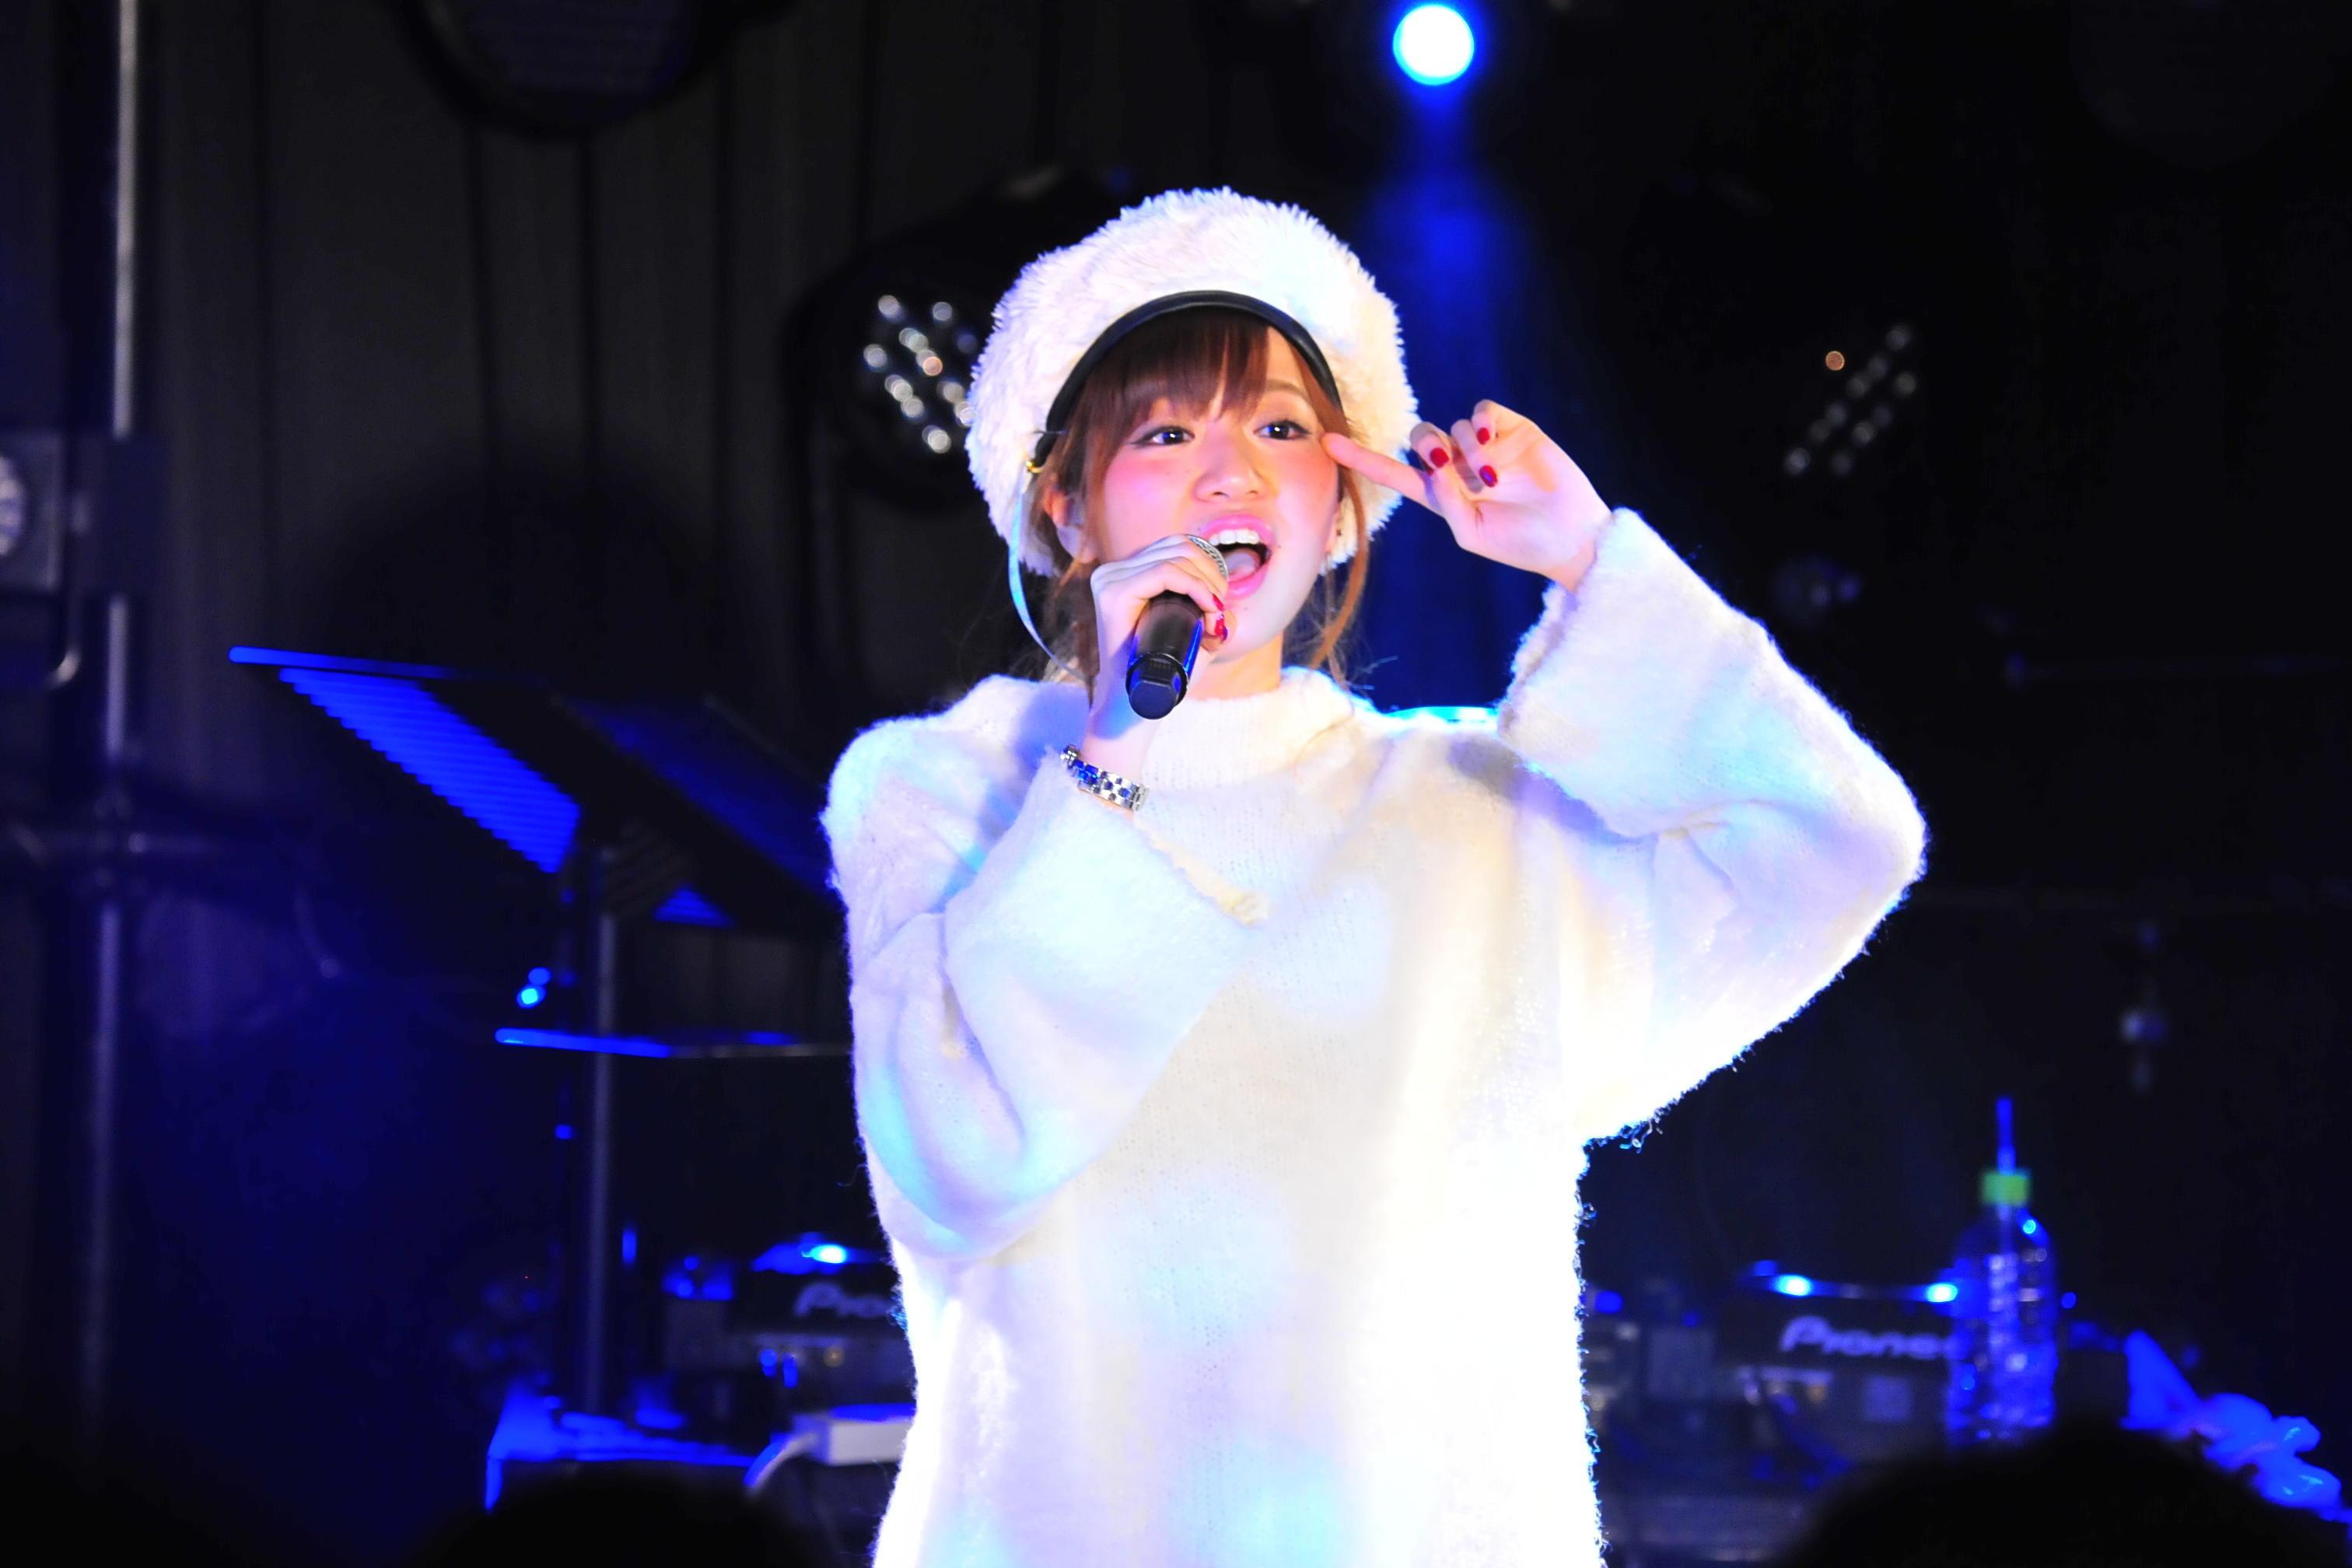 http://news.yoshimoto.co.jp/20170125192441-89d7b4505350a13d22dbcbce33d945a473d2b363.jpg